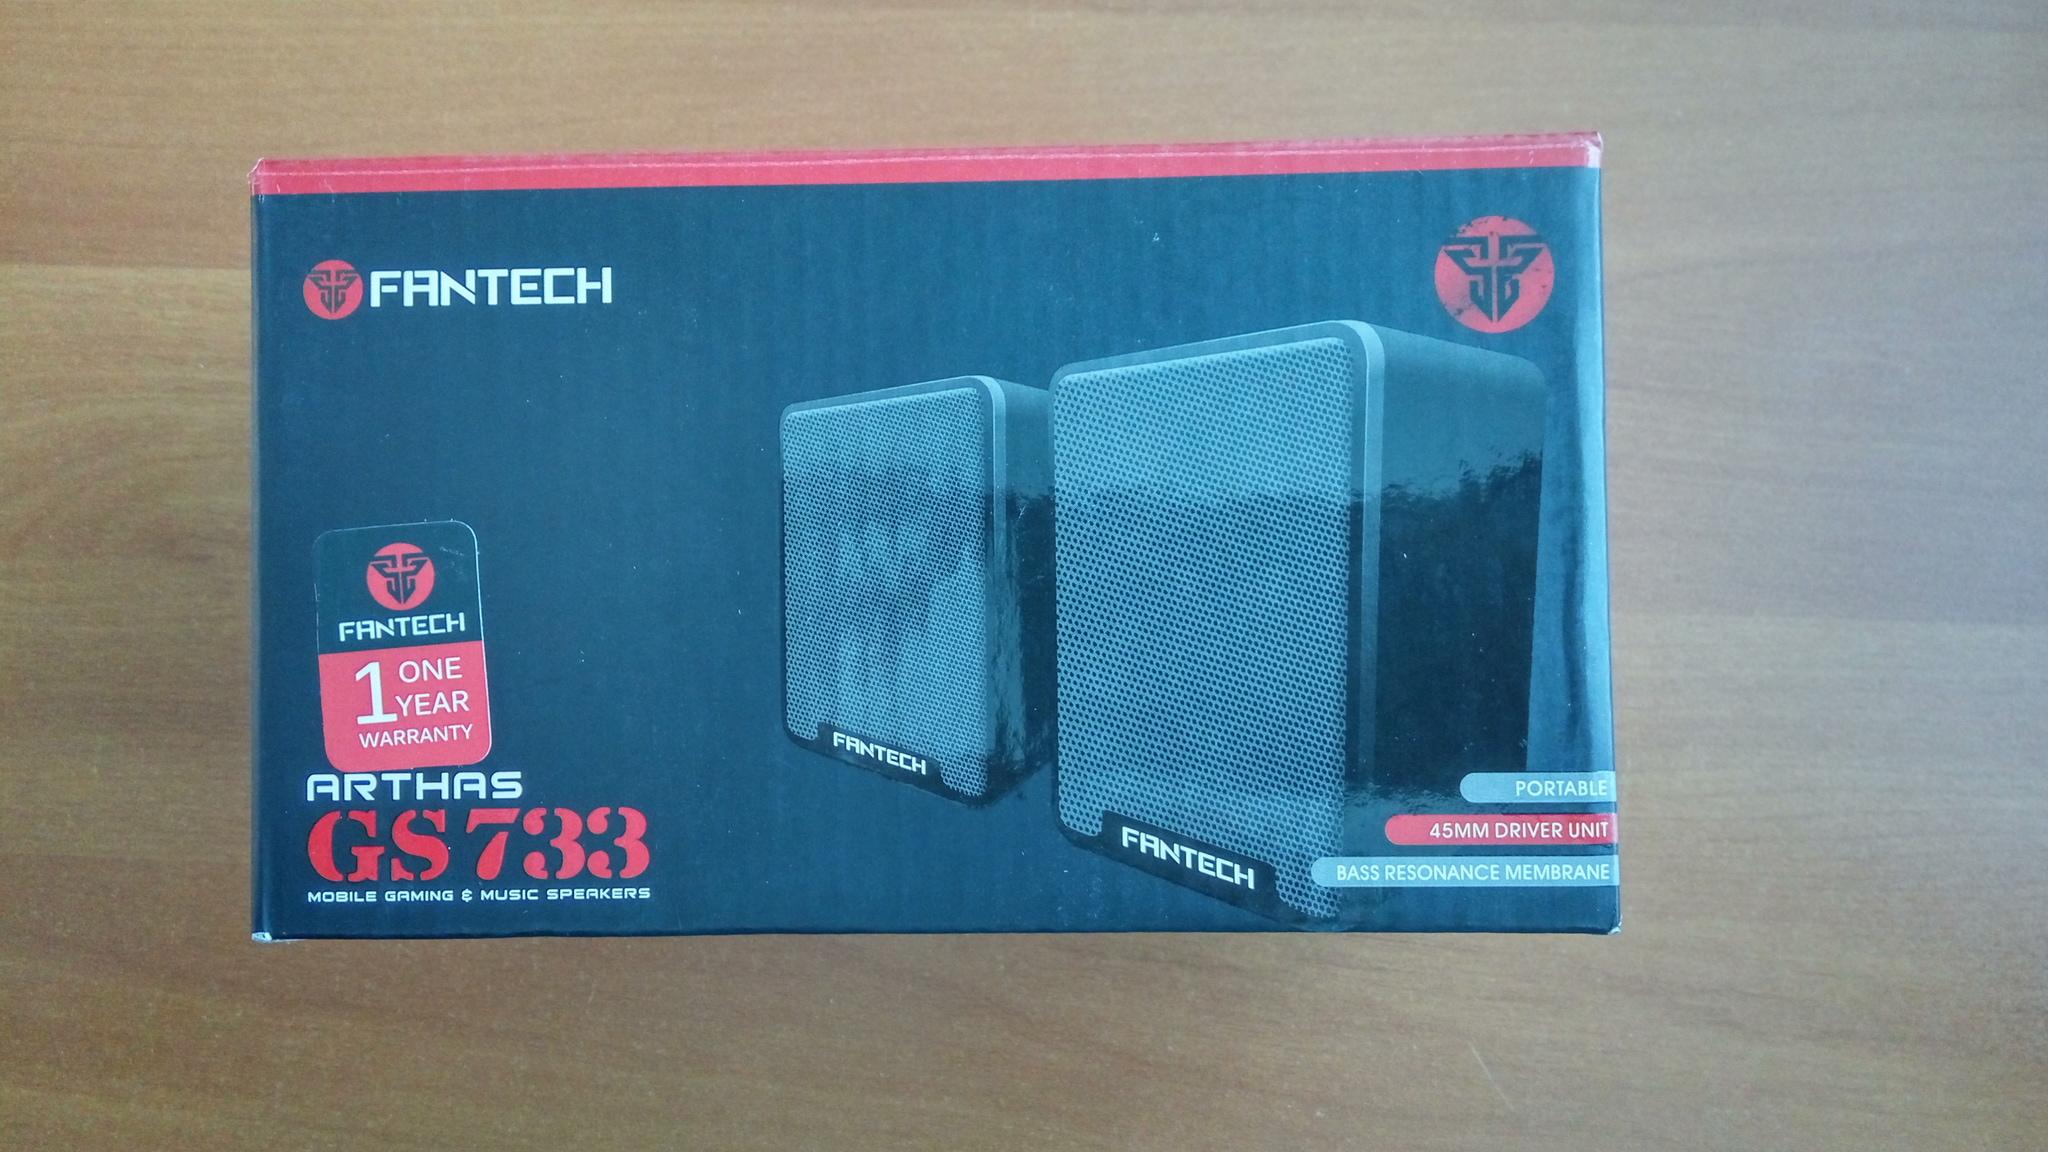 Jual Fantech Arthas GS - 733 ...